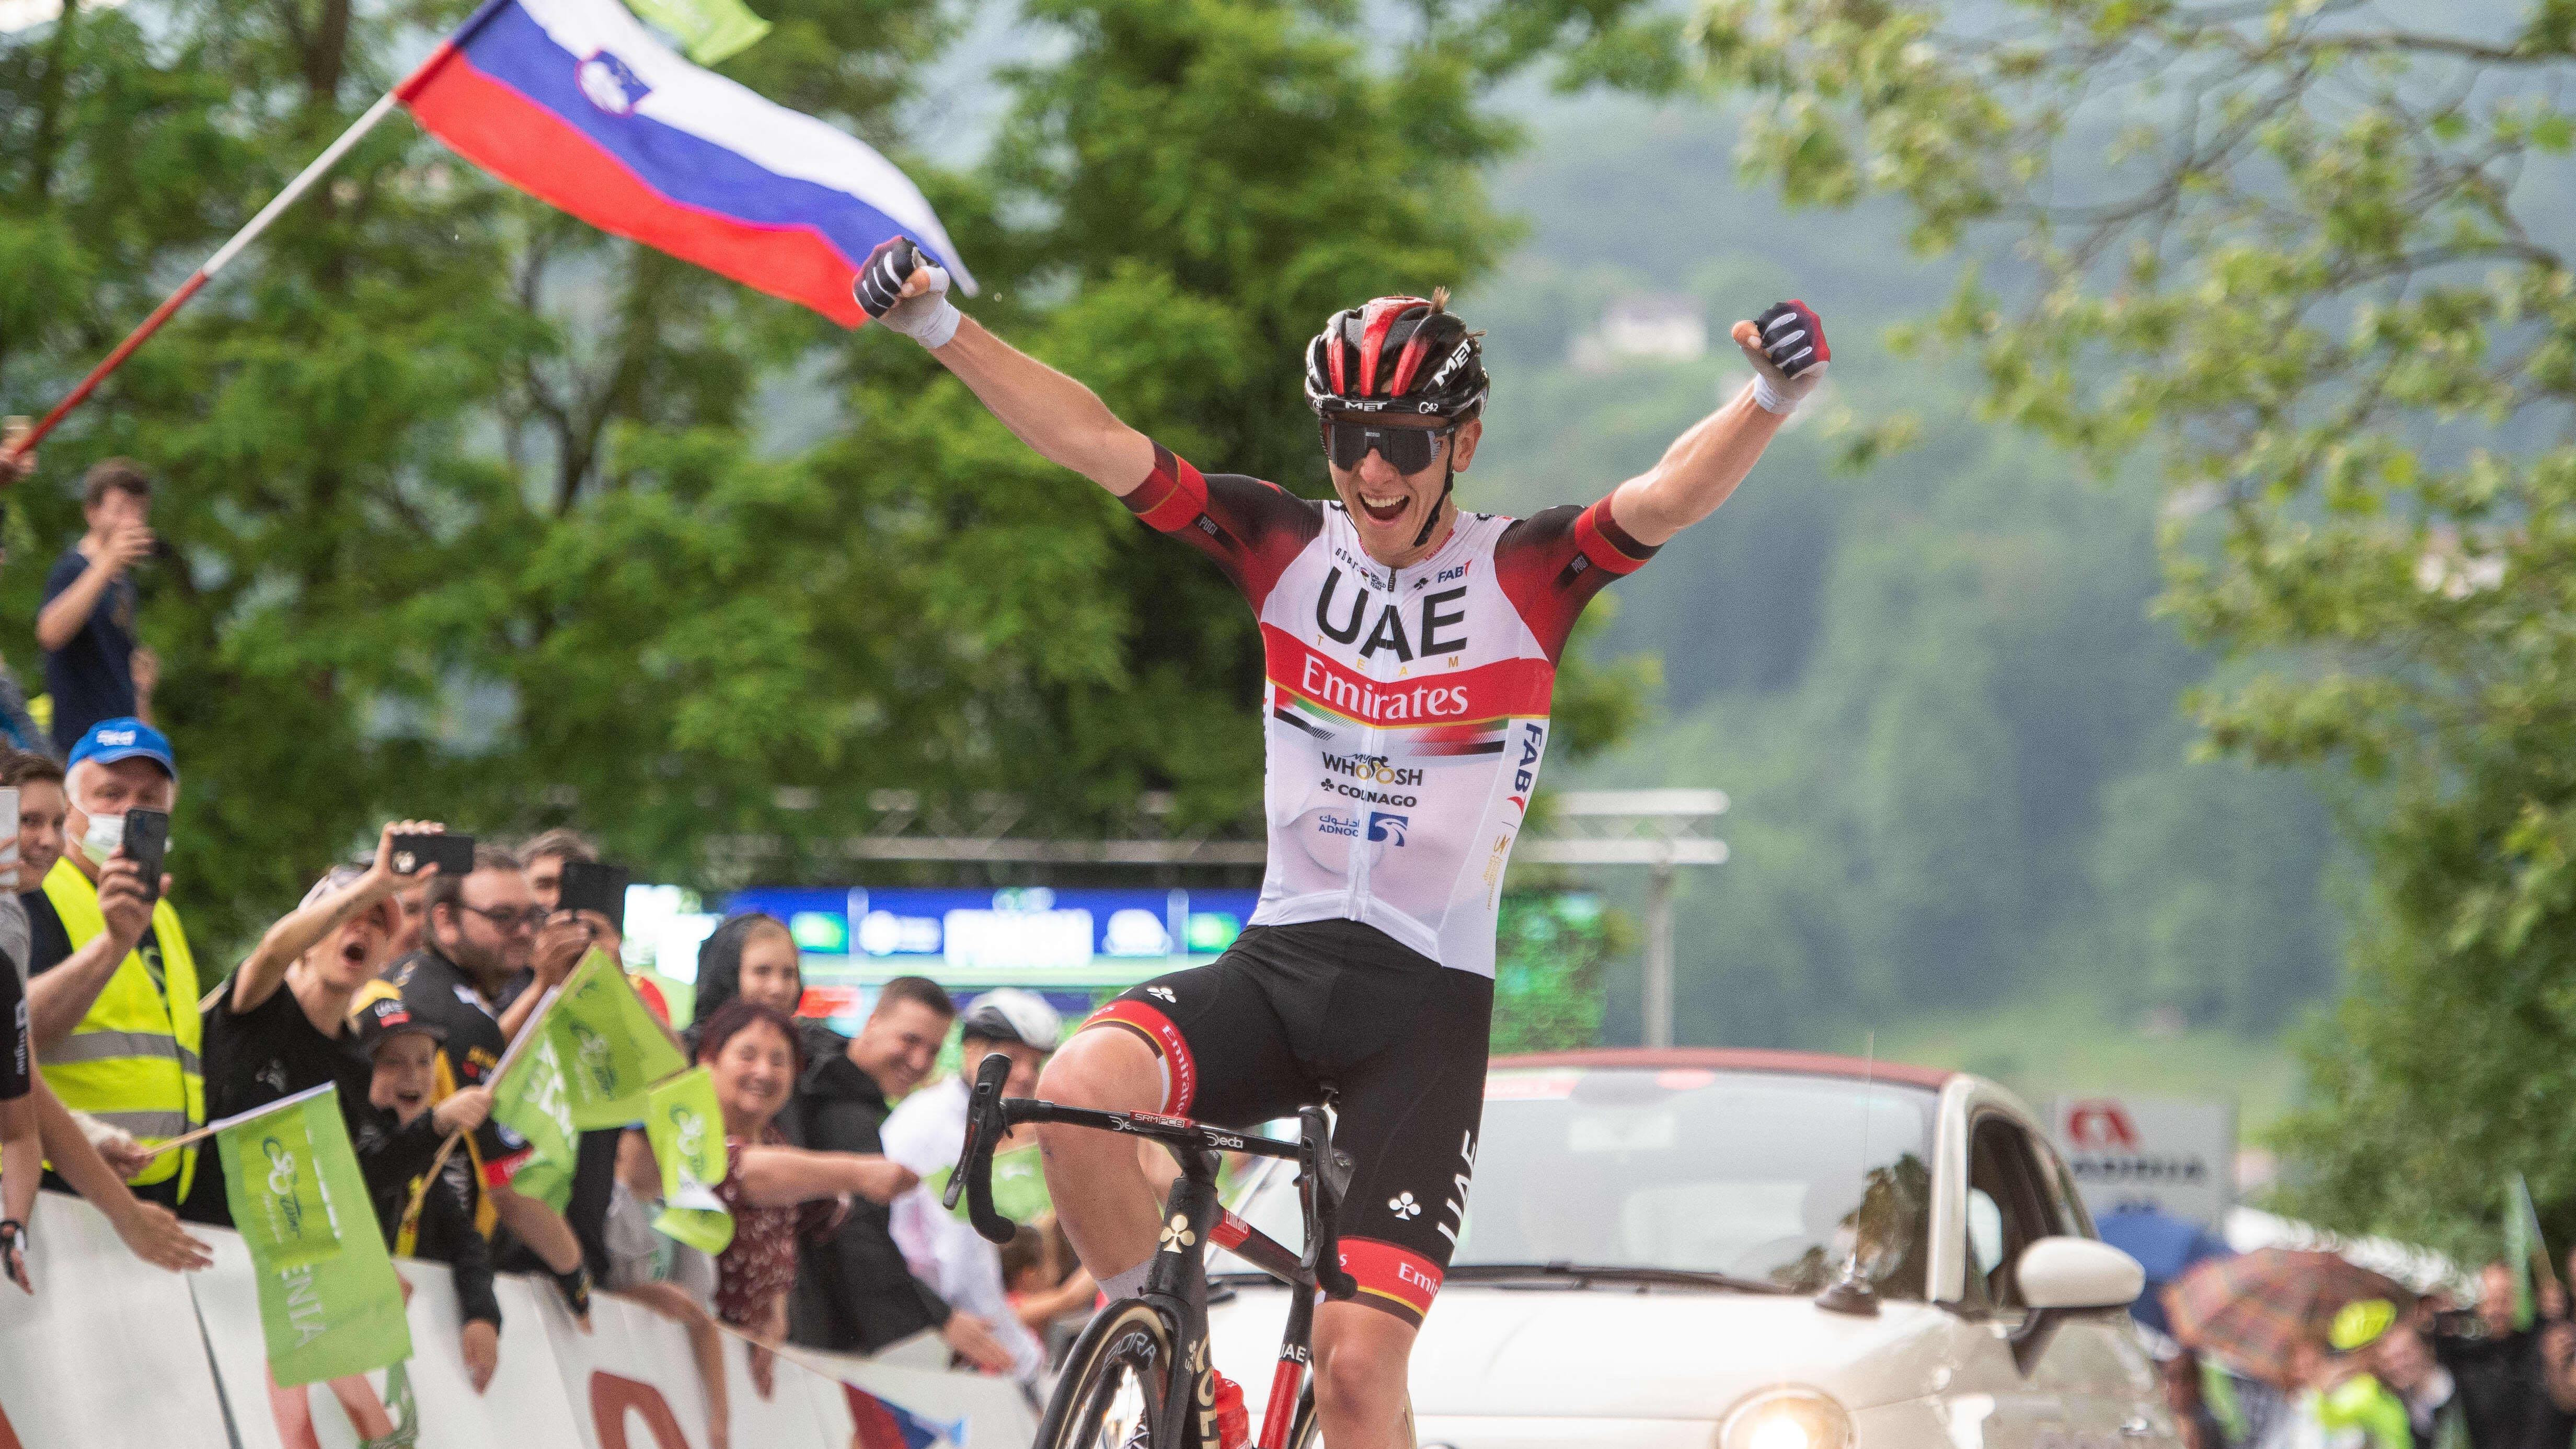 Maantiepyöräilijä Tadej Pogacar tuulettaa maalissa voittoa